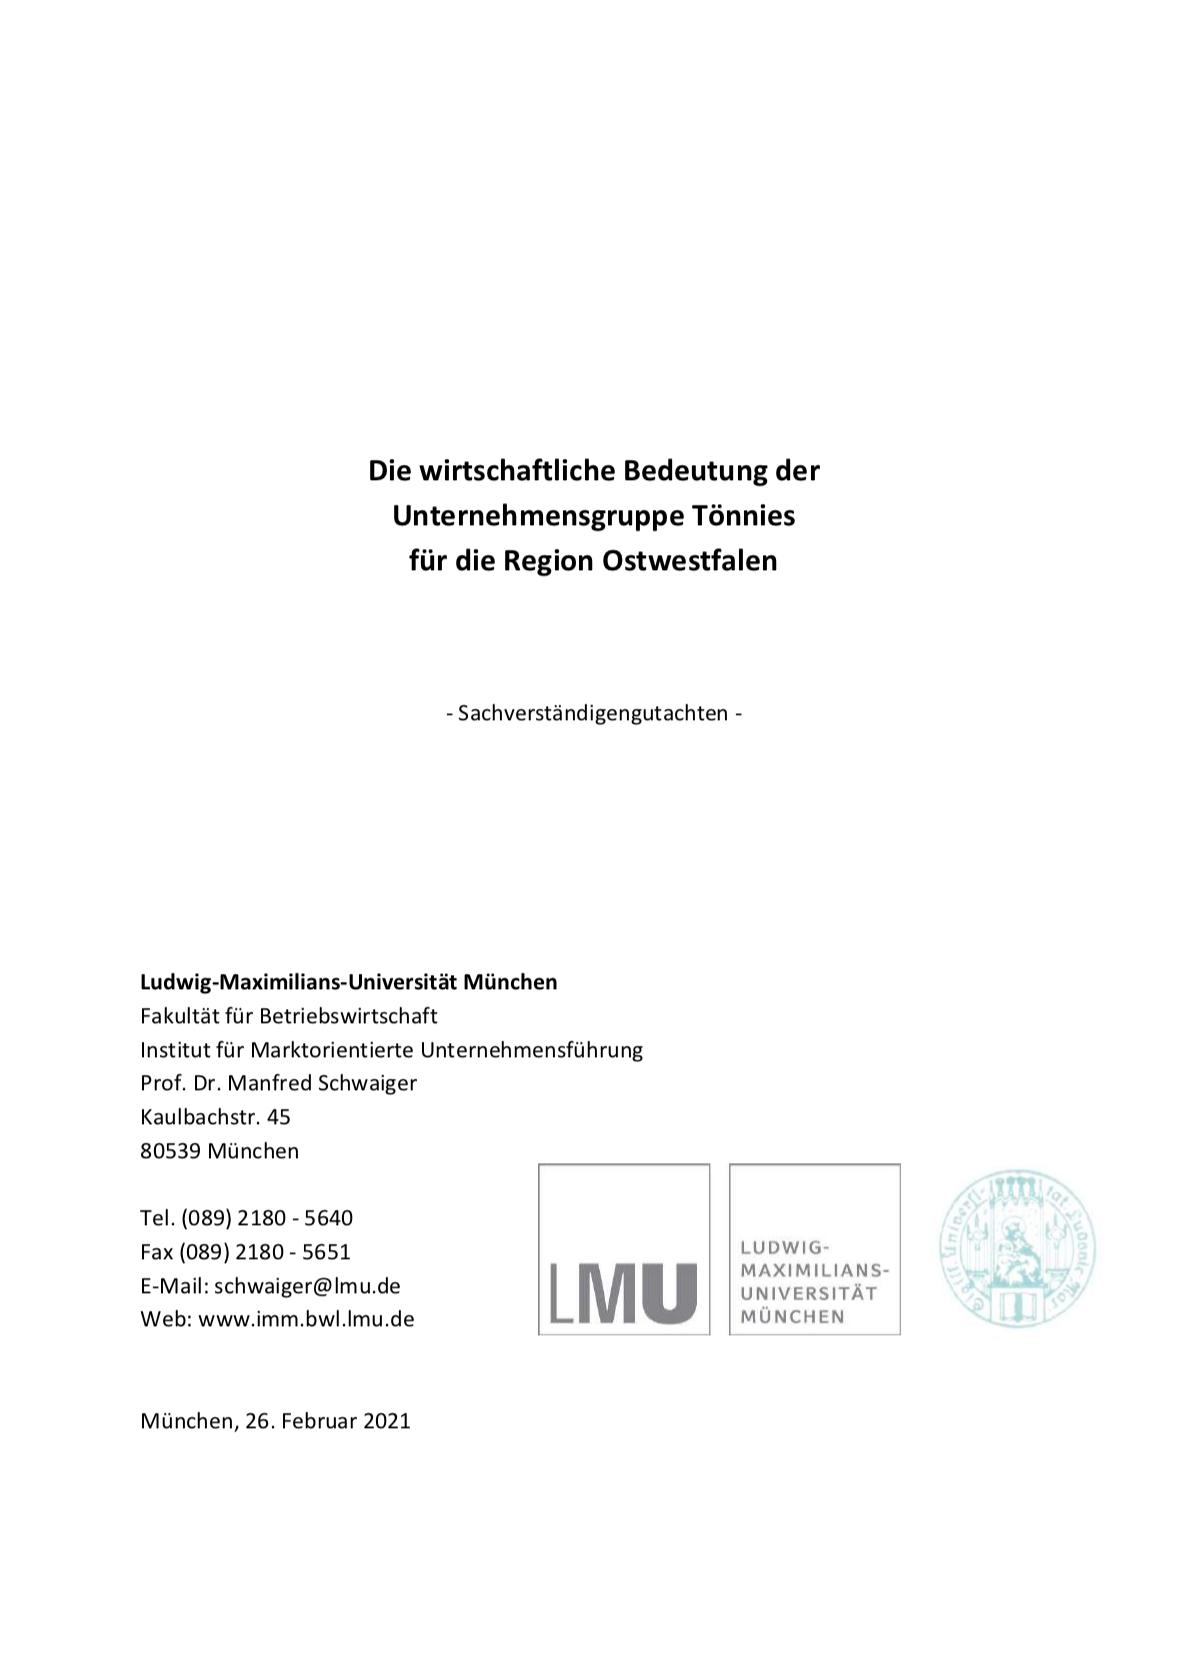 Studie_Die_wirtschaftliche_Bedeutung_der__Unternehmensgruppe_Tonnies_fur_die_Region_Ostwestfalen.png